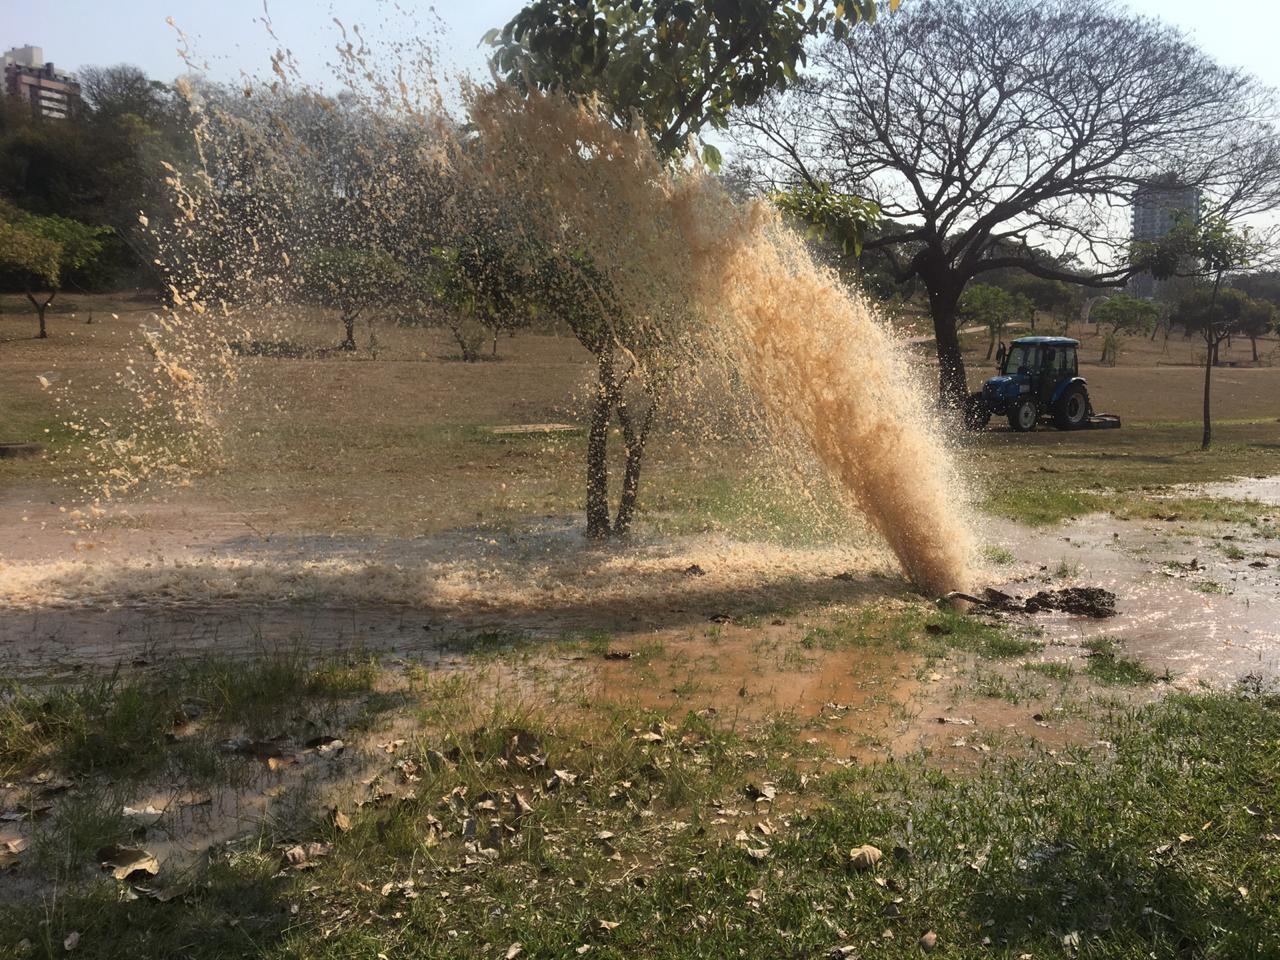 Vazamento no Parque do Povo atinge adutora que envia água para o Sesc Thermas, em Presidente Prudente - Notícias - Plantão Diário